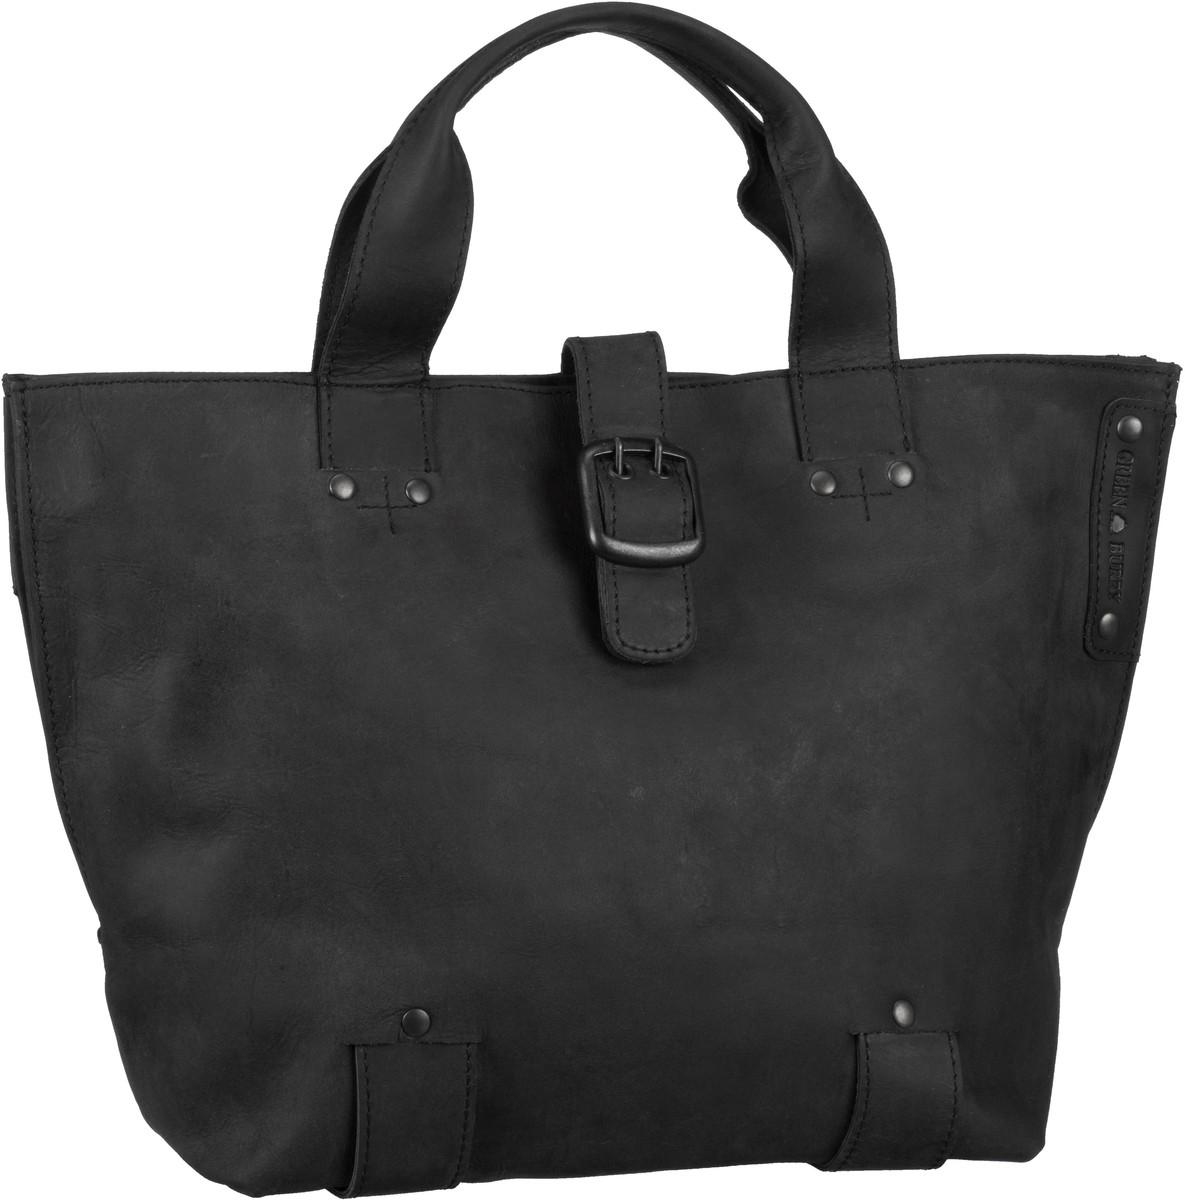 Handtasche Vintage Revival 1944 Shopper Black